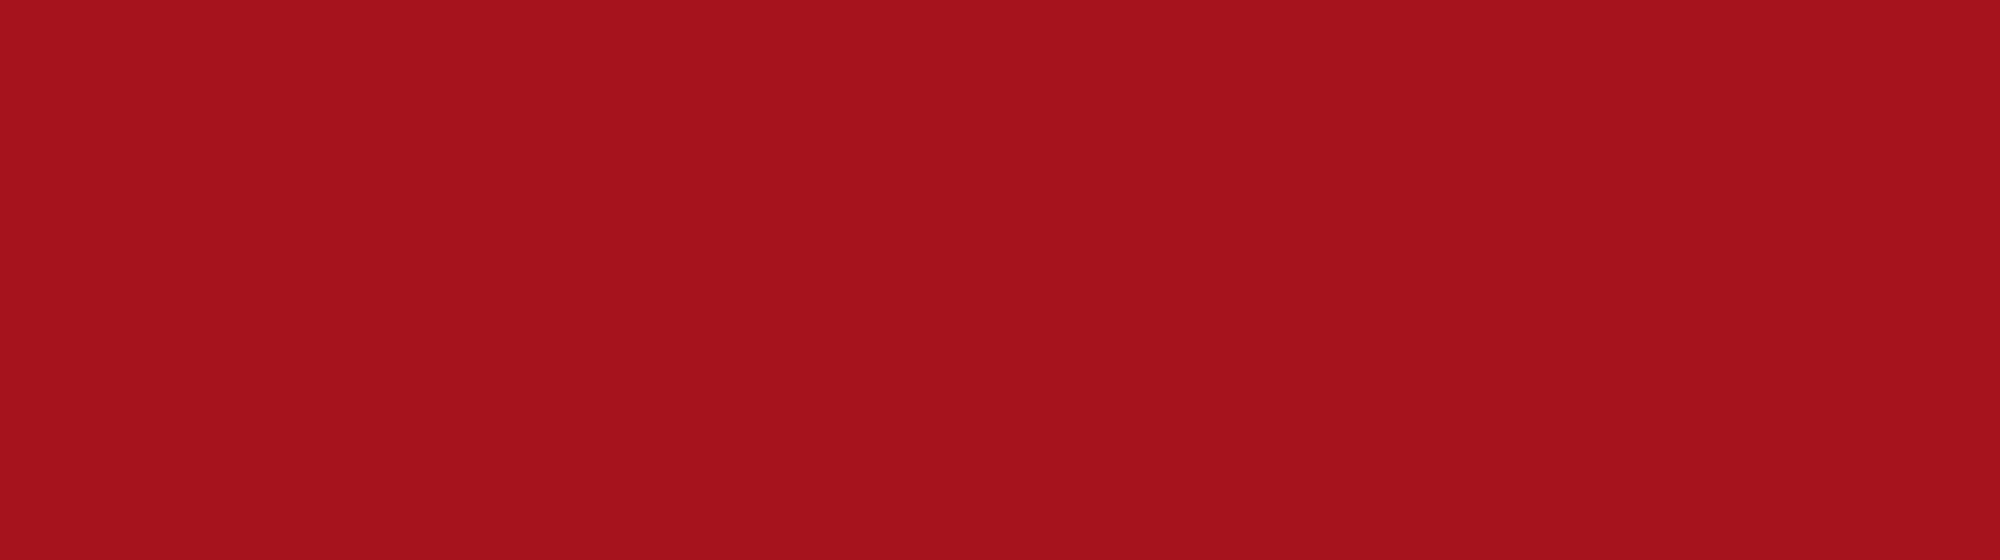 Rot_Entwicklung_und_Wandel